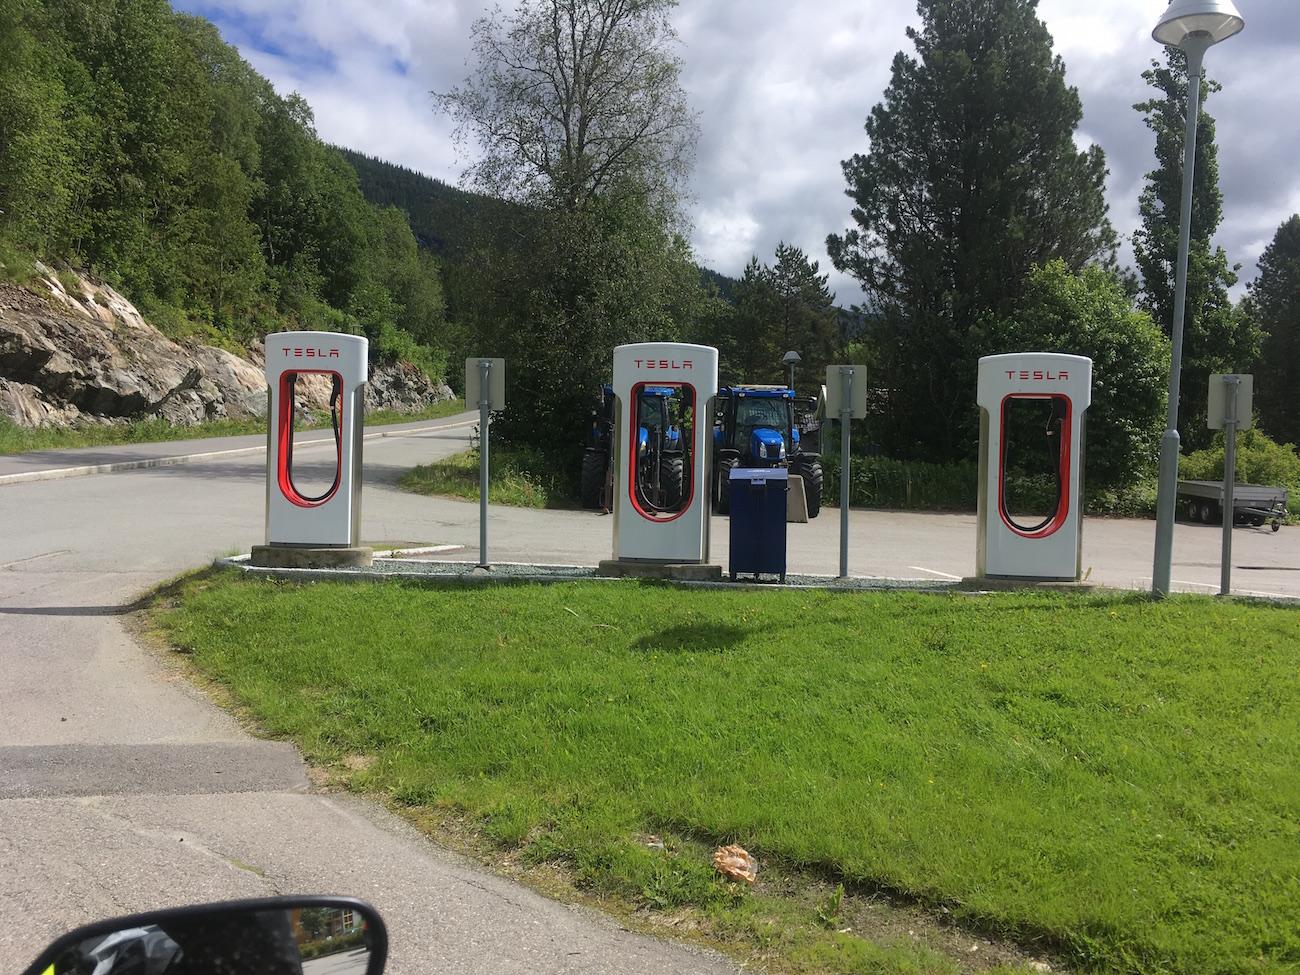 En Norvège, on a vendu beaucoup de voitures électriques Tesla, et il y a aussi un certain nombre de bornes de recharge électriques.